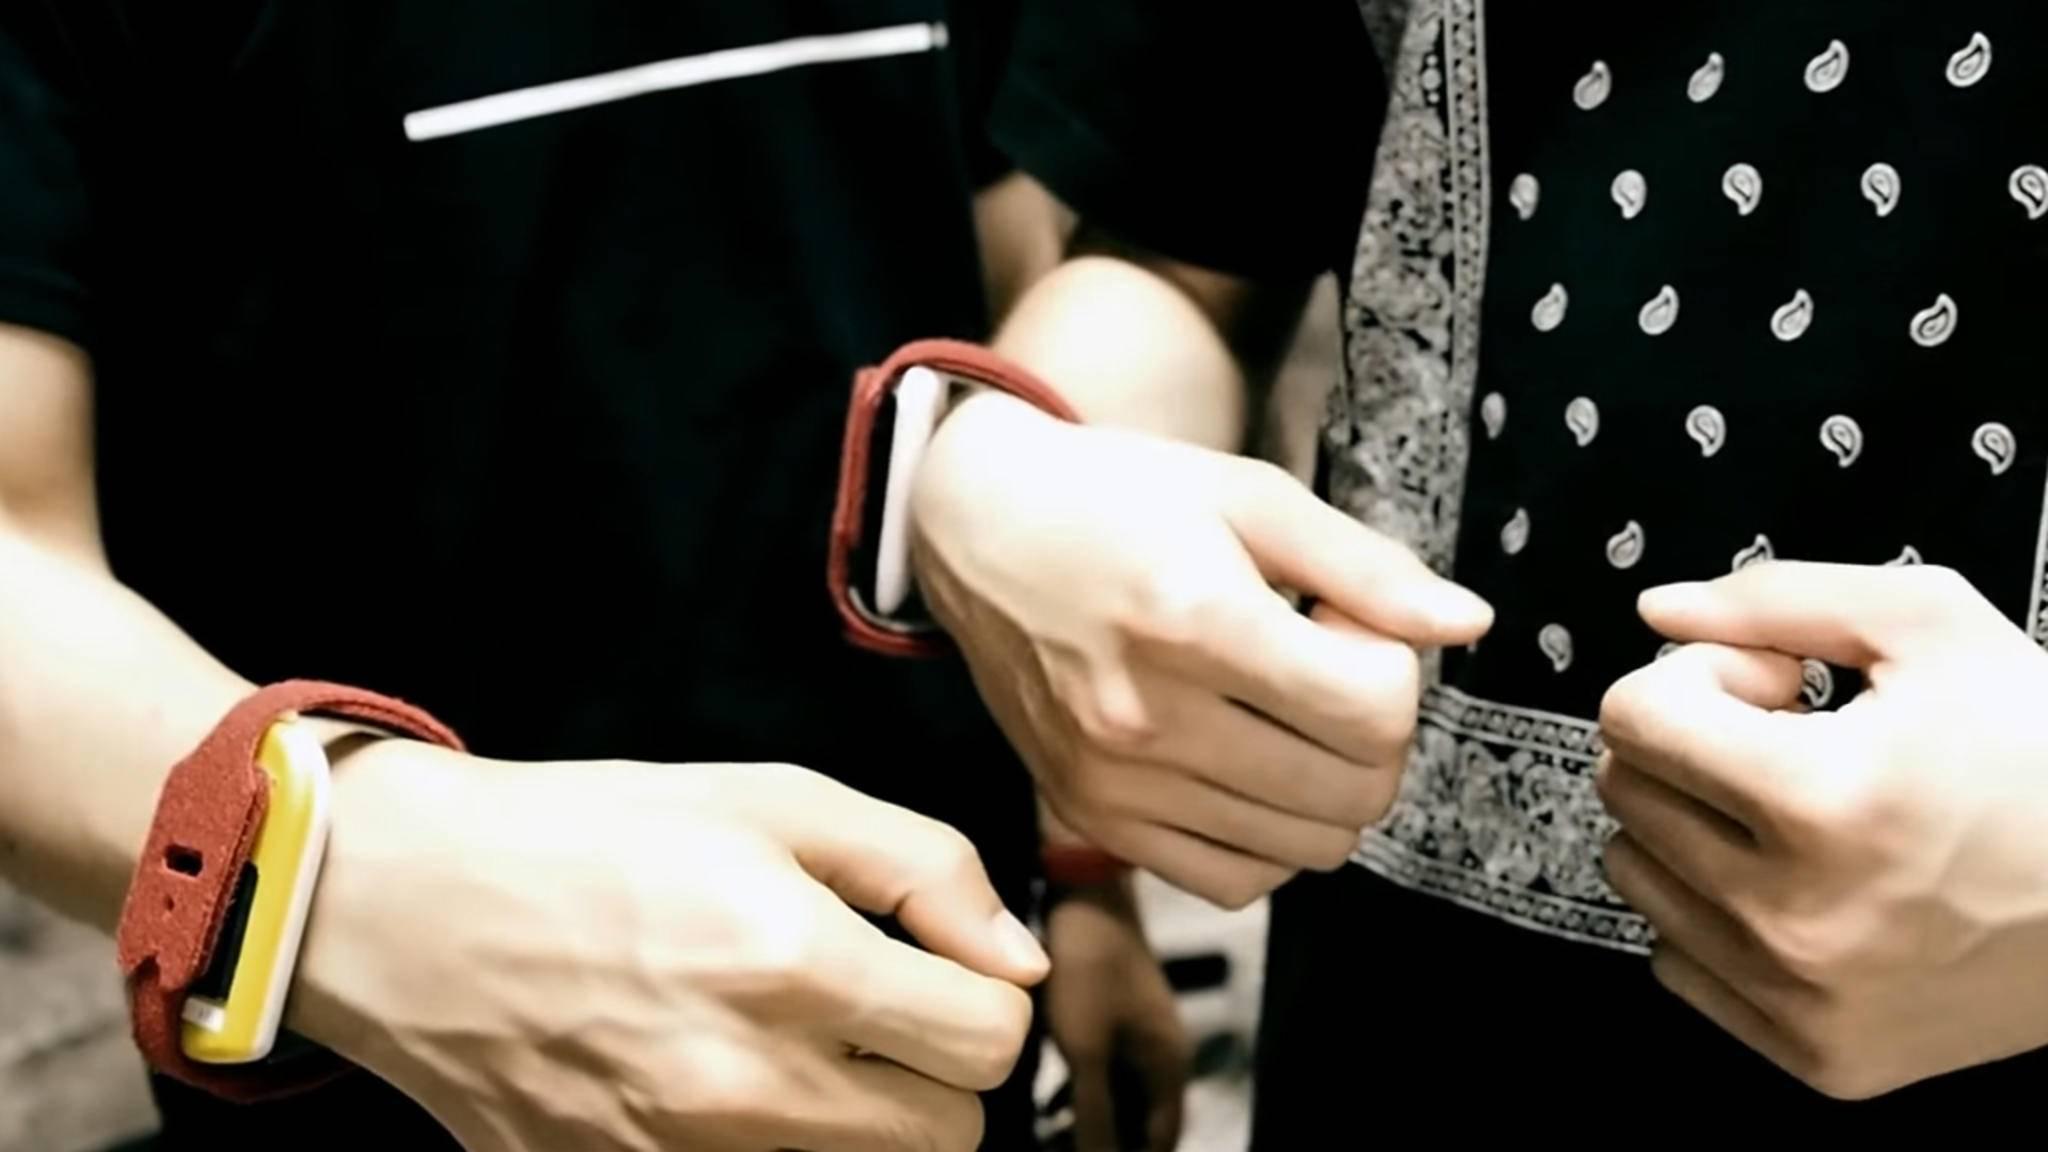 Die Armbänder von BeatMoovz übertragen jede Bewegung an eine App – diese liefert dann den passenden Sound.